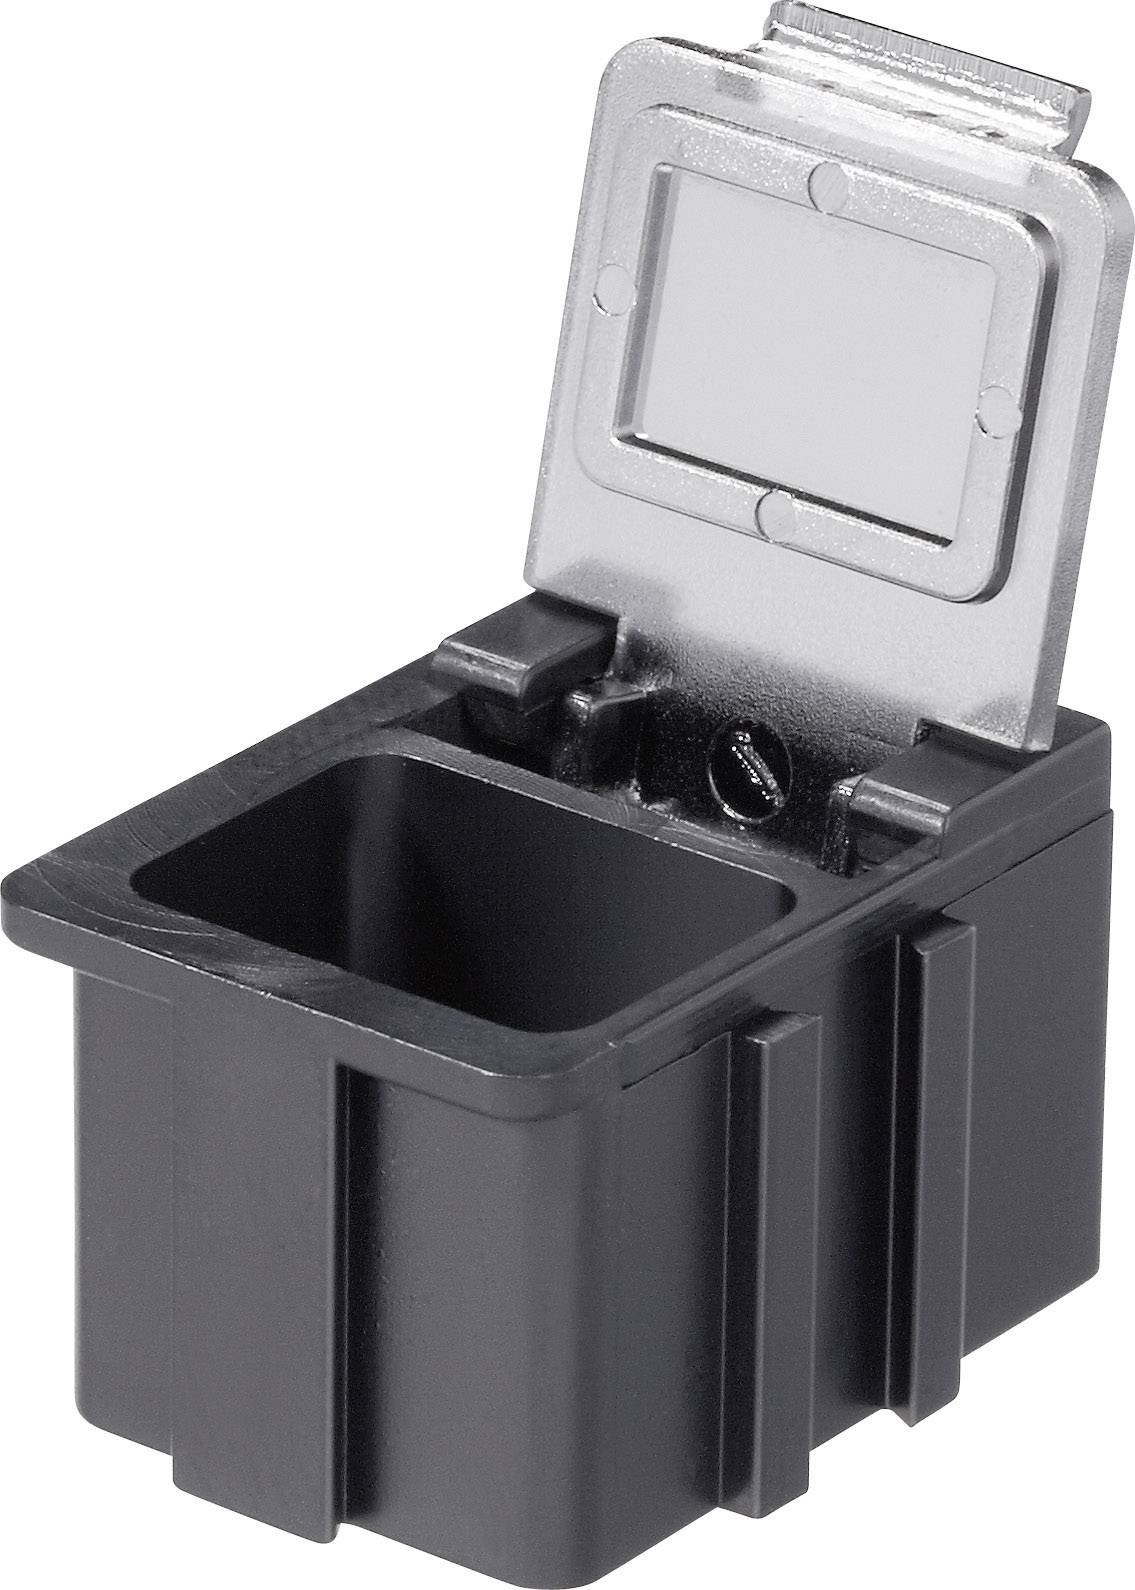 Box pro SMD součástky Licefa, N168101LS, 16 x 12 x 15 mm, černá